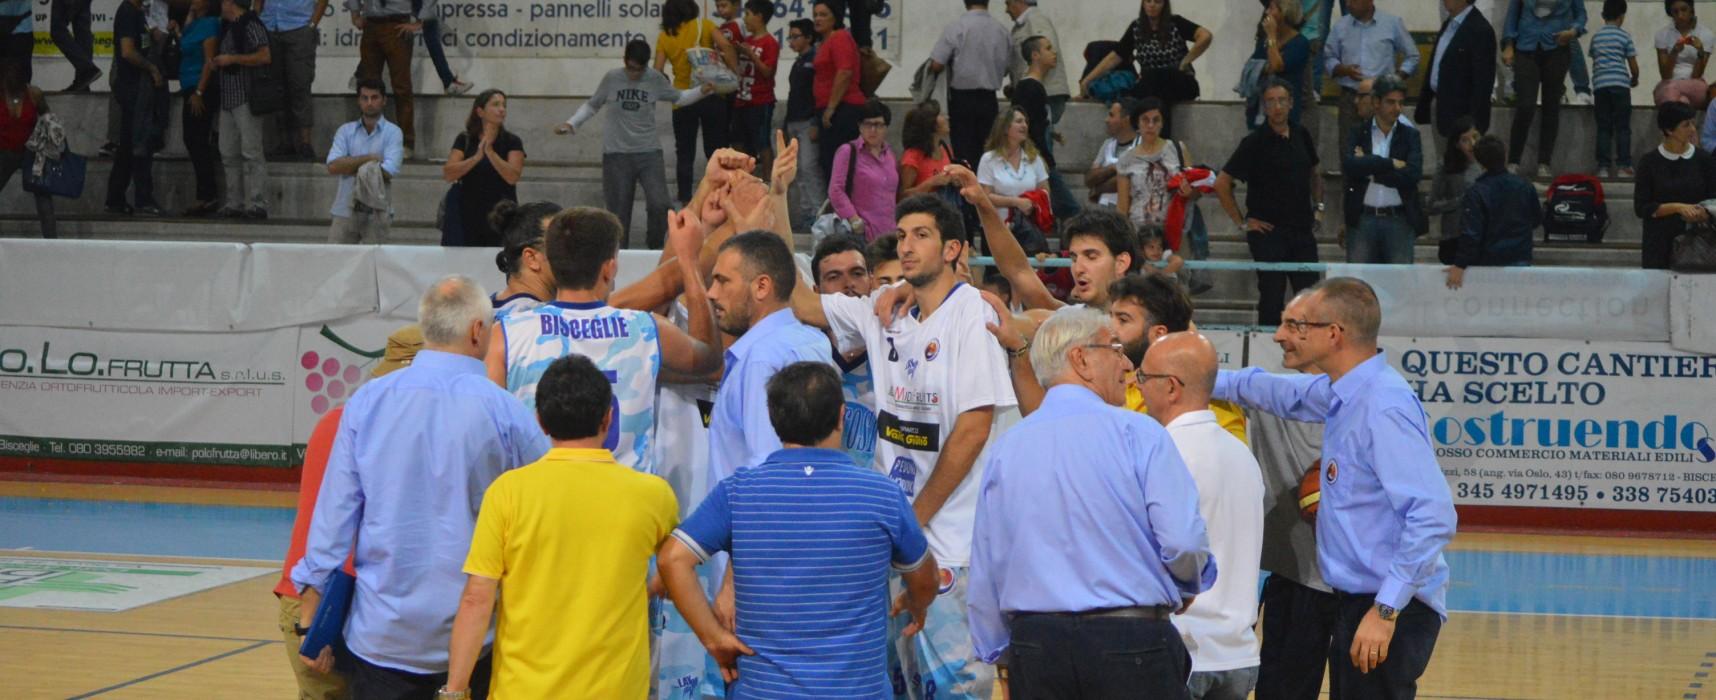 Torna il basket giocato al Paladolmen, domenica l'Ambrosia affronterà l'ostacolo Mola